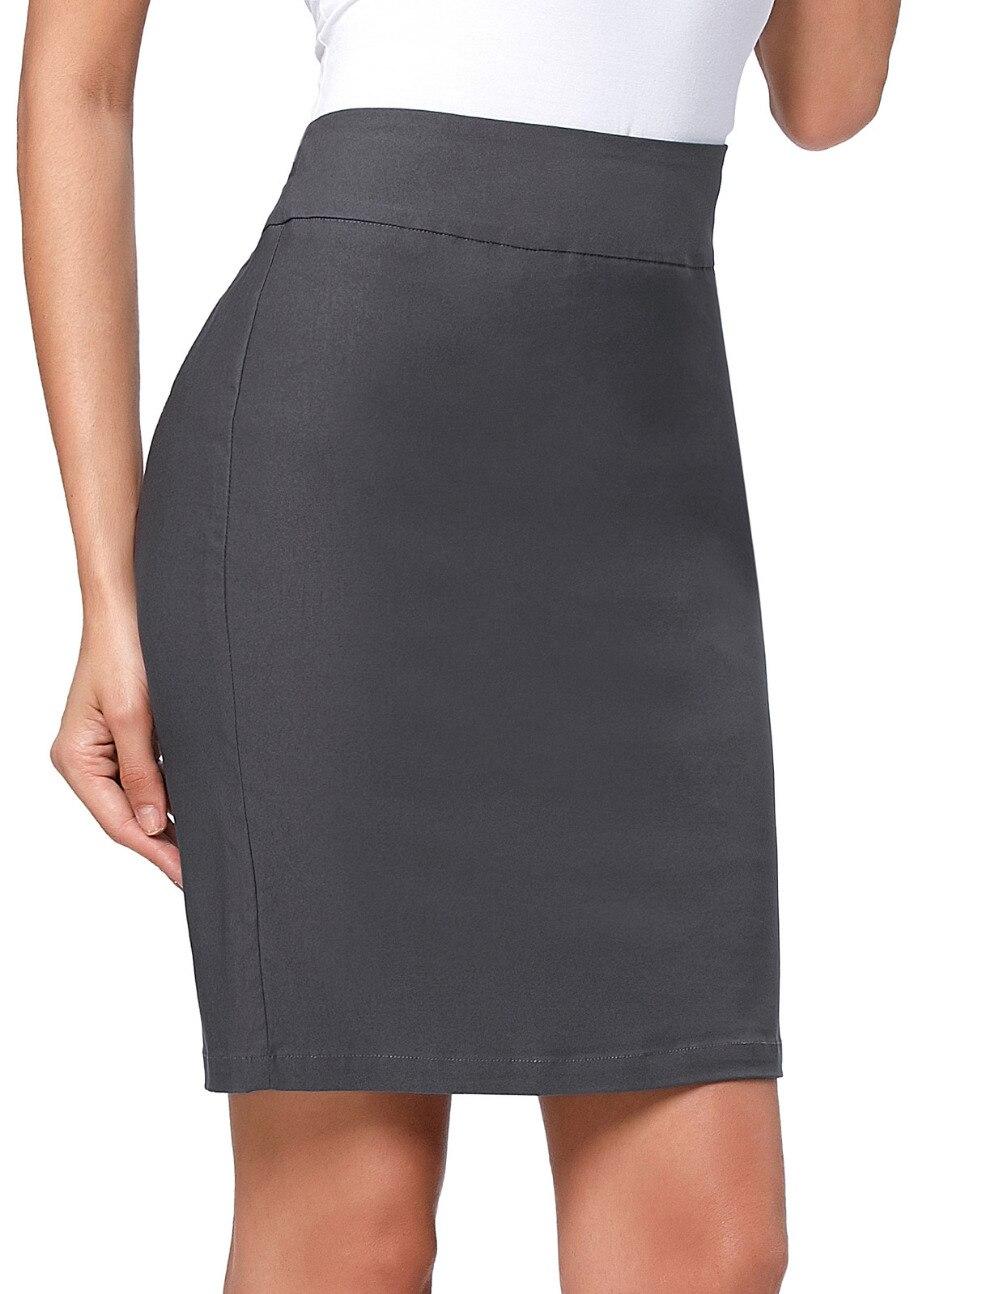 Online Get Cheap Gray Pencil Skirt -Aliexpress.com | Alibaba Group